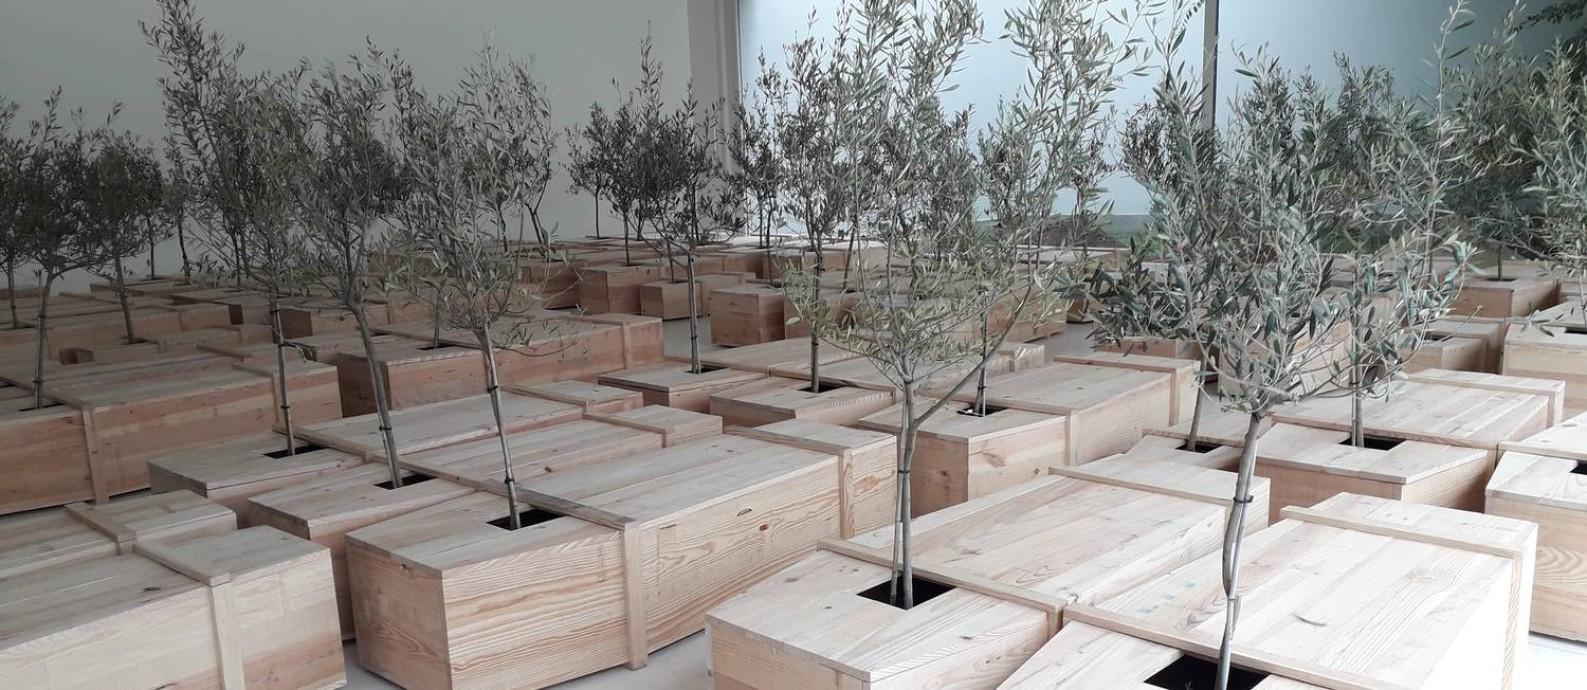 """Árvores brotam dos caixões da instalação """"EX IT"""" Foto: Gian Amato"""